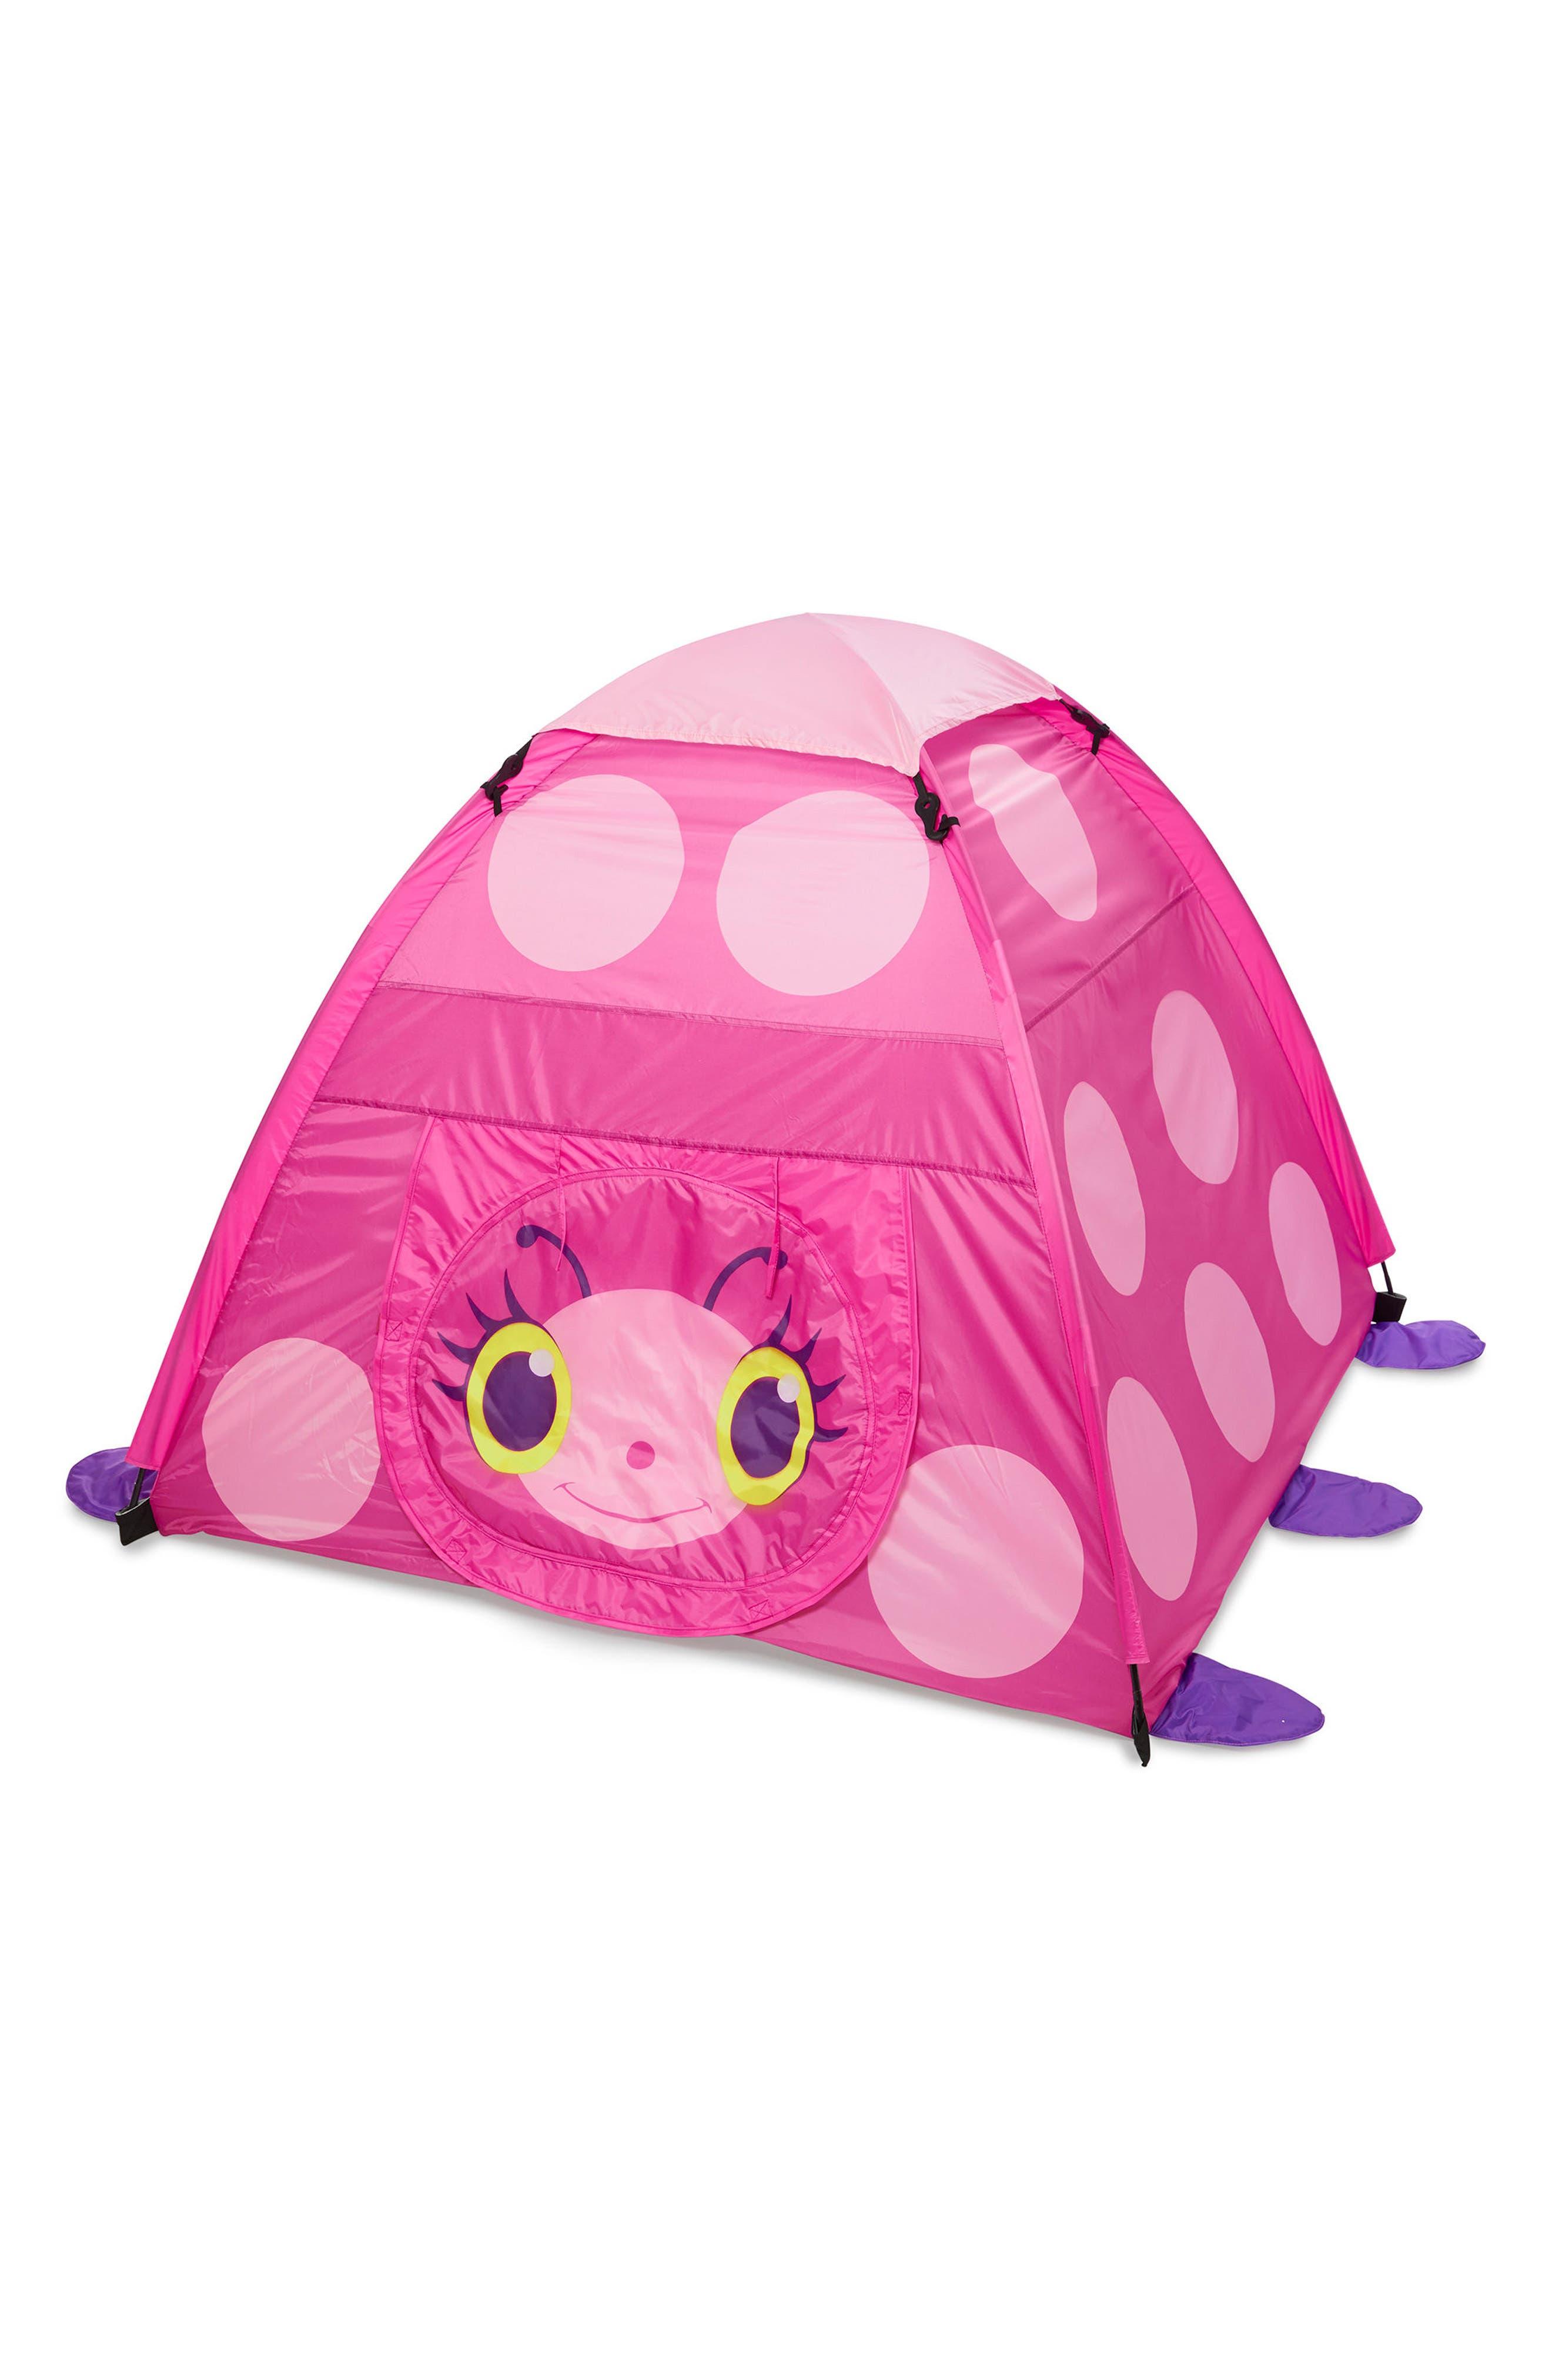 Alternate Image 1 Selected - Melissa & Doug Trixie Ladybug Tent